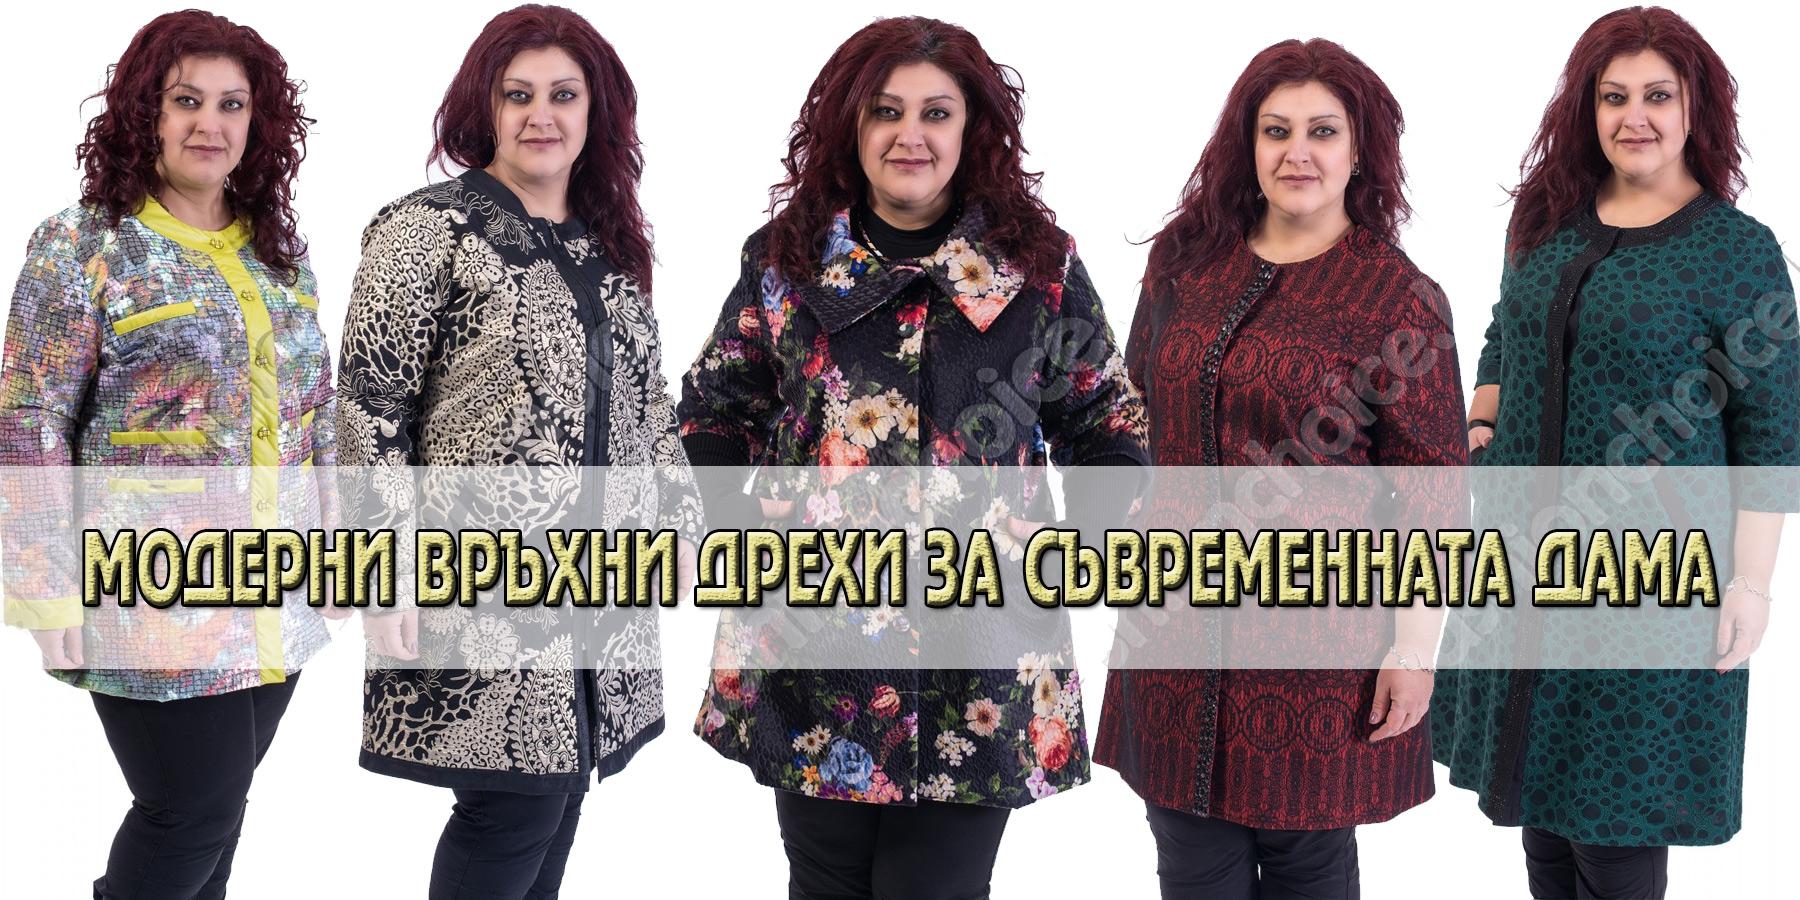 Модерни връхни дрехи за съвременната дама